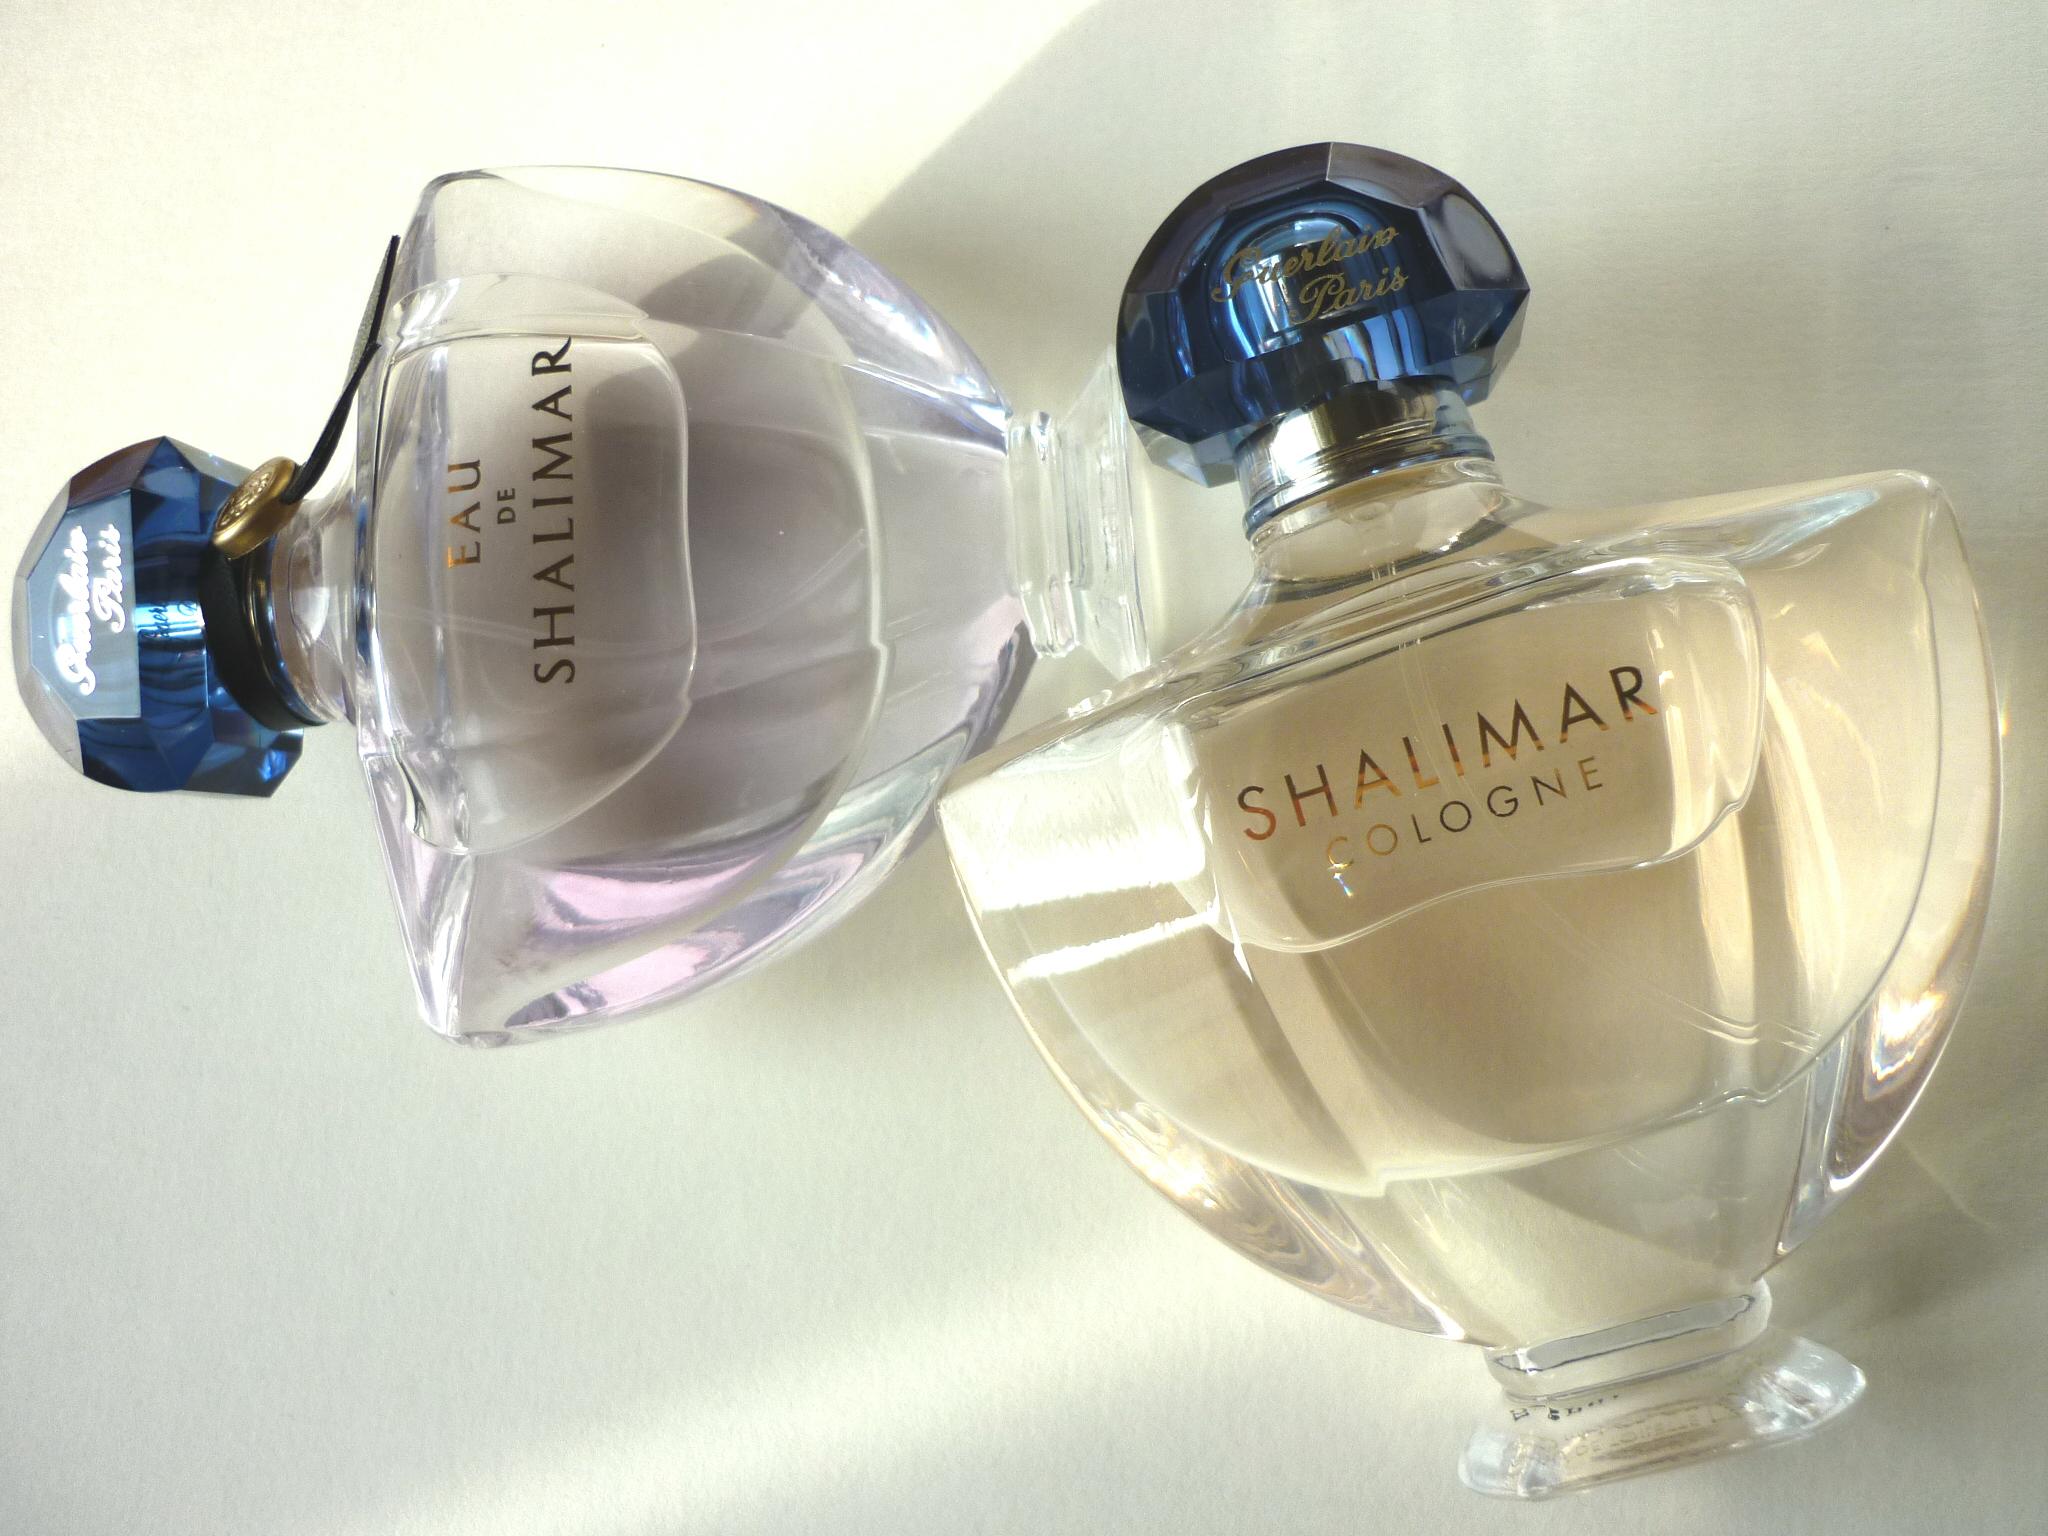 Shalimar Cologne et Eau de Shalimar